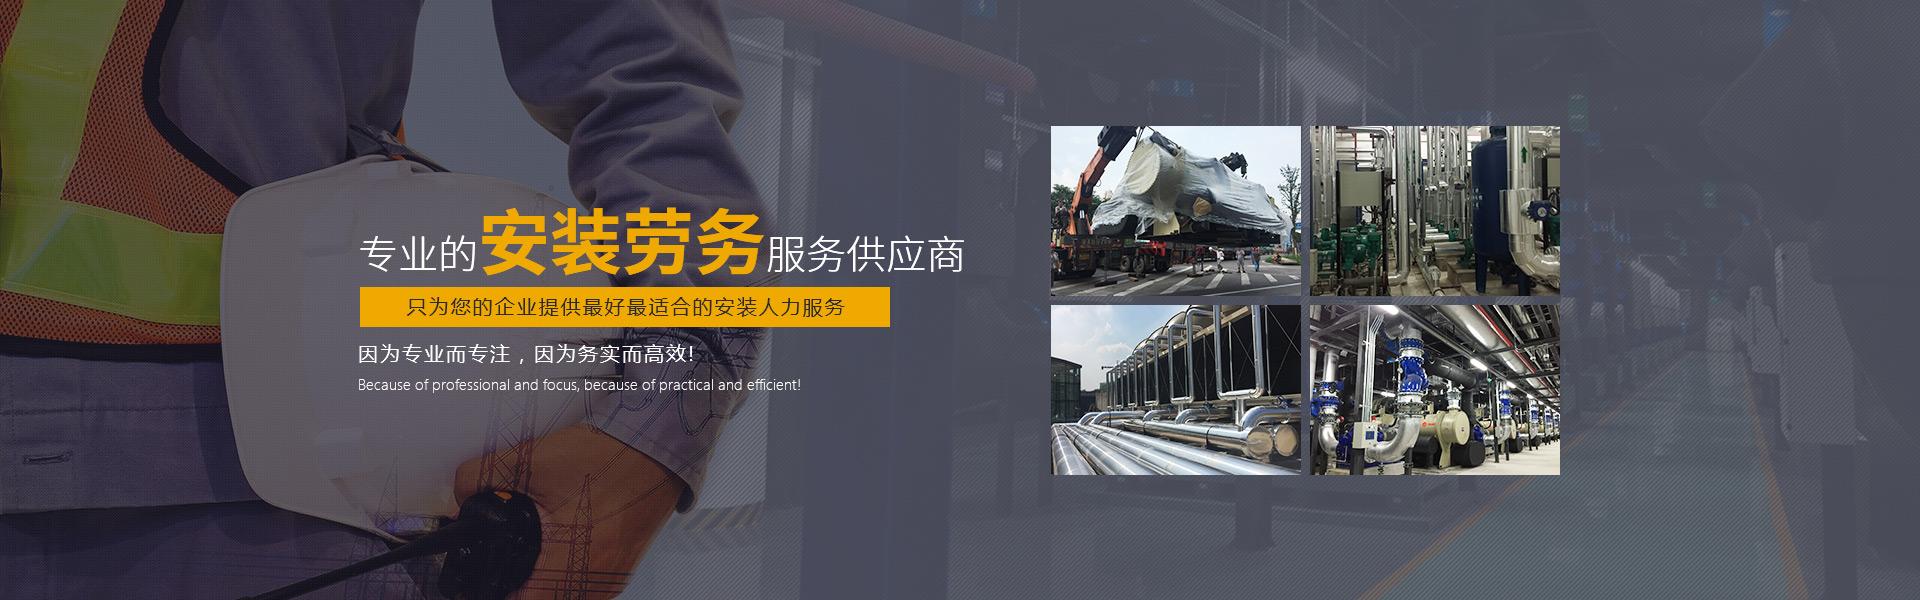 重庆建筑劳务派遣